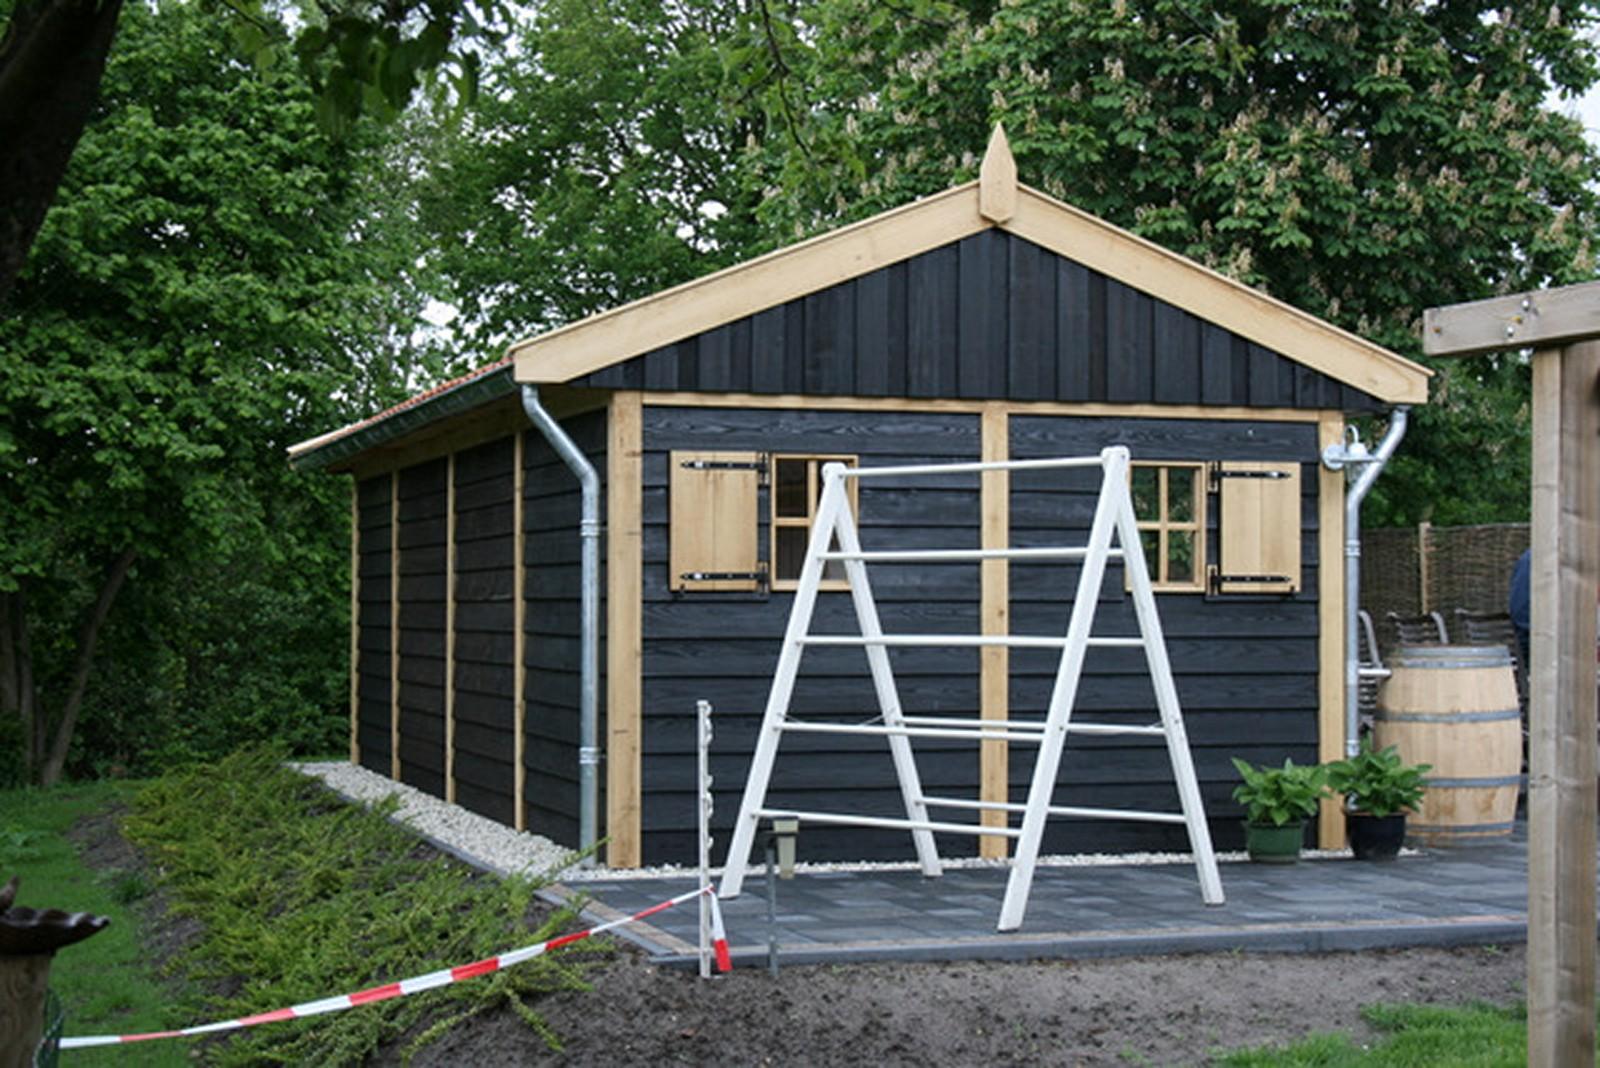 exclusieve_buitenkamer - Authentiek eiken bijgebouw met tuinkamer op maat gemaakt.